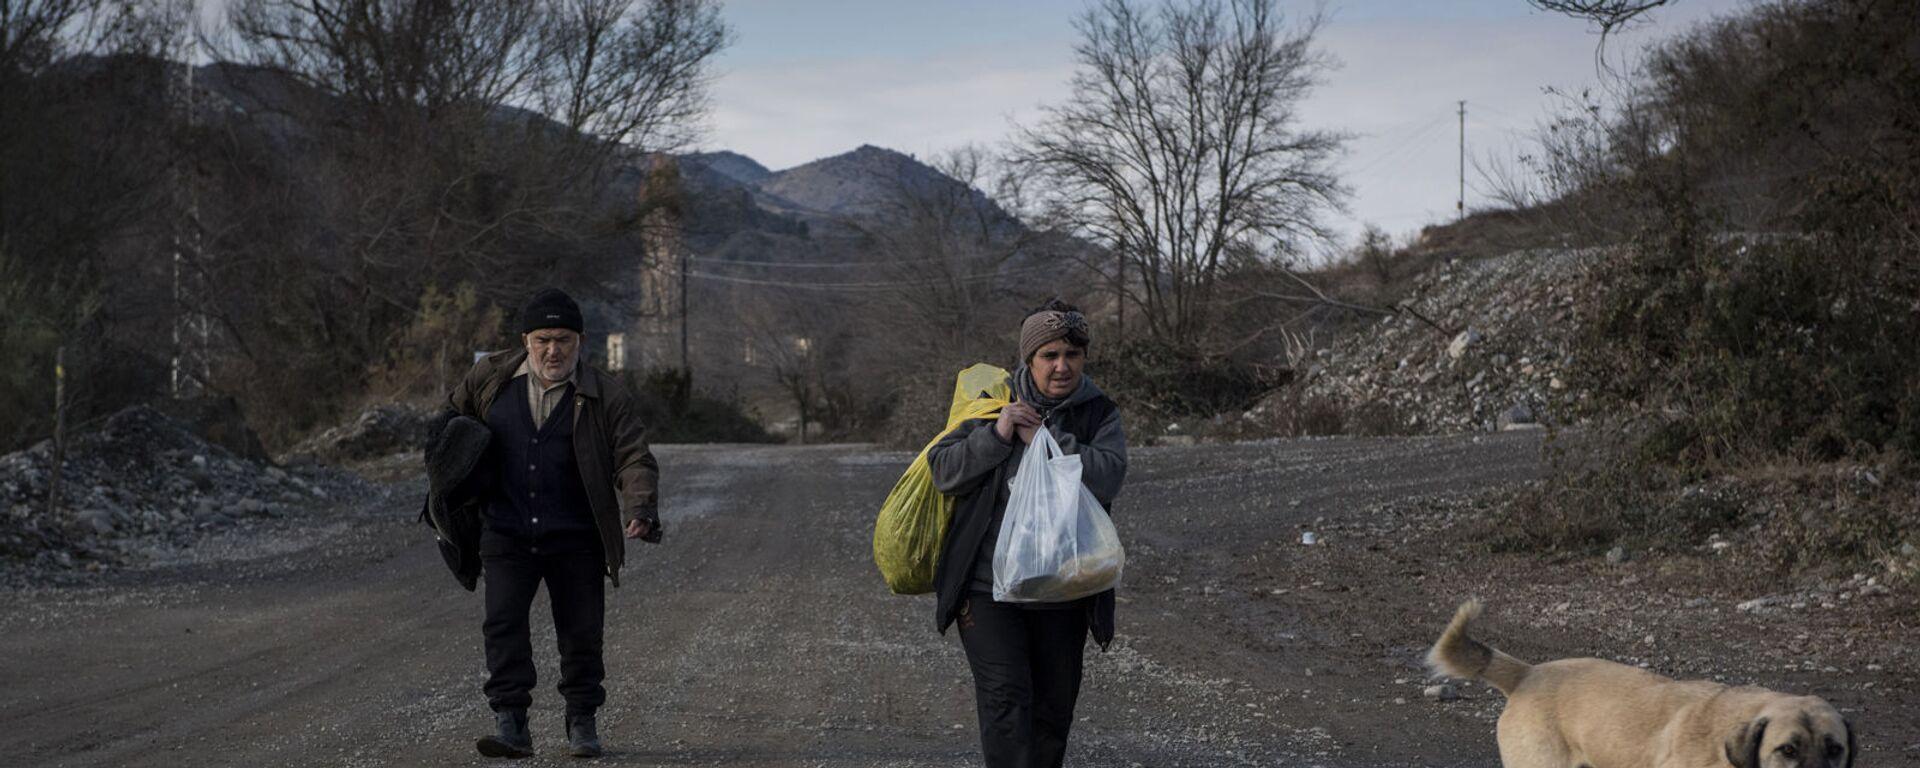 Люди покидают свои дома в городе Бердзор (30 ноября 2020). Карабах - Sputnik Армения, 1920, 02.09.2021